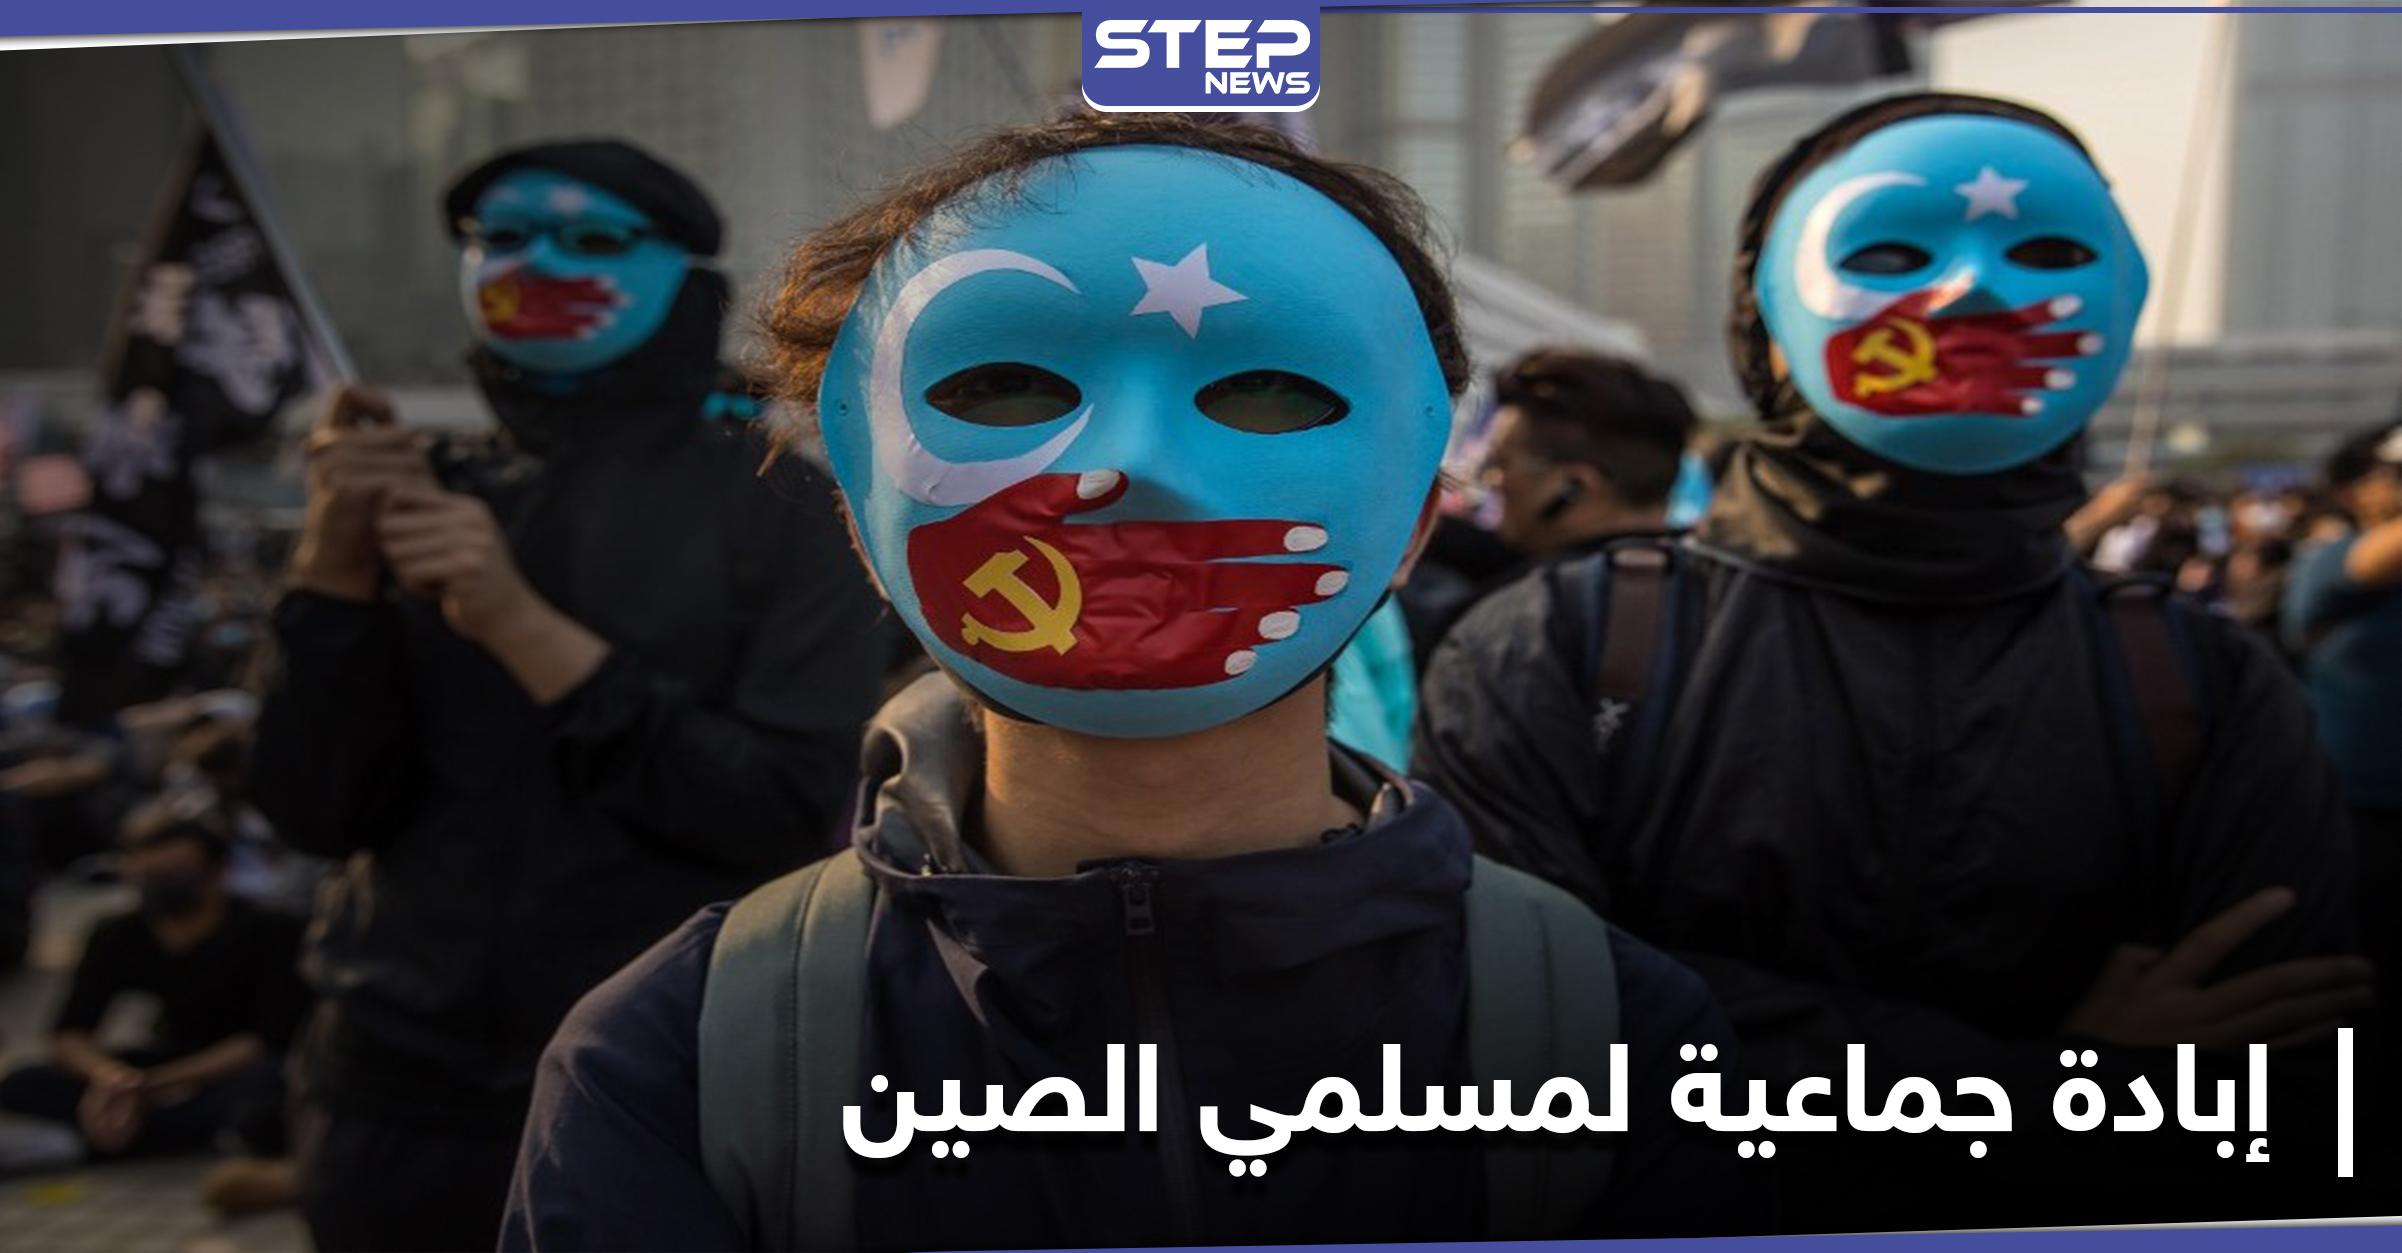 ليست مزحة إنها إبادة جماعية... حملة تشعل مواقع التواصل الاجتماعي لنصرة مسلمي الإيغور